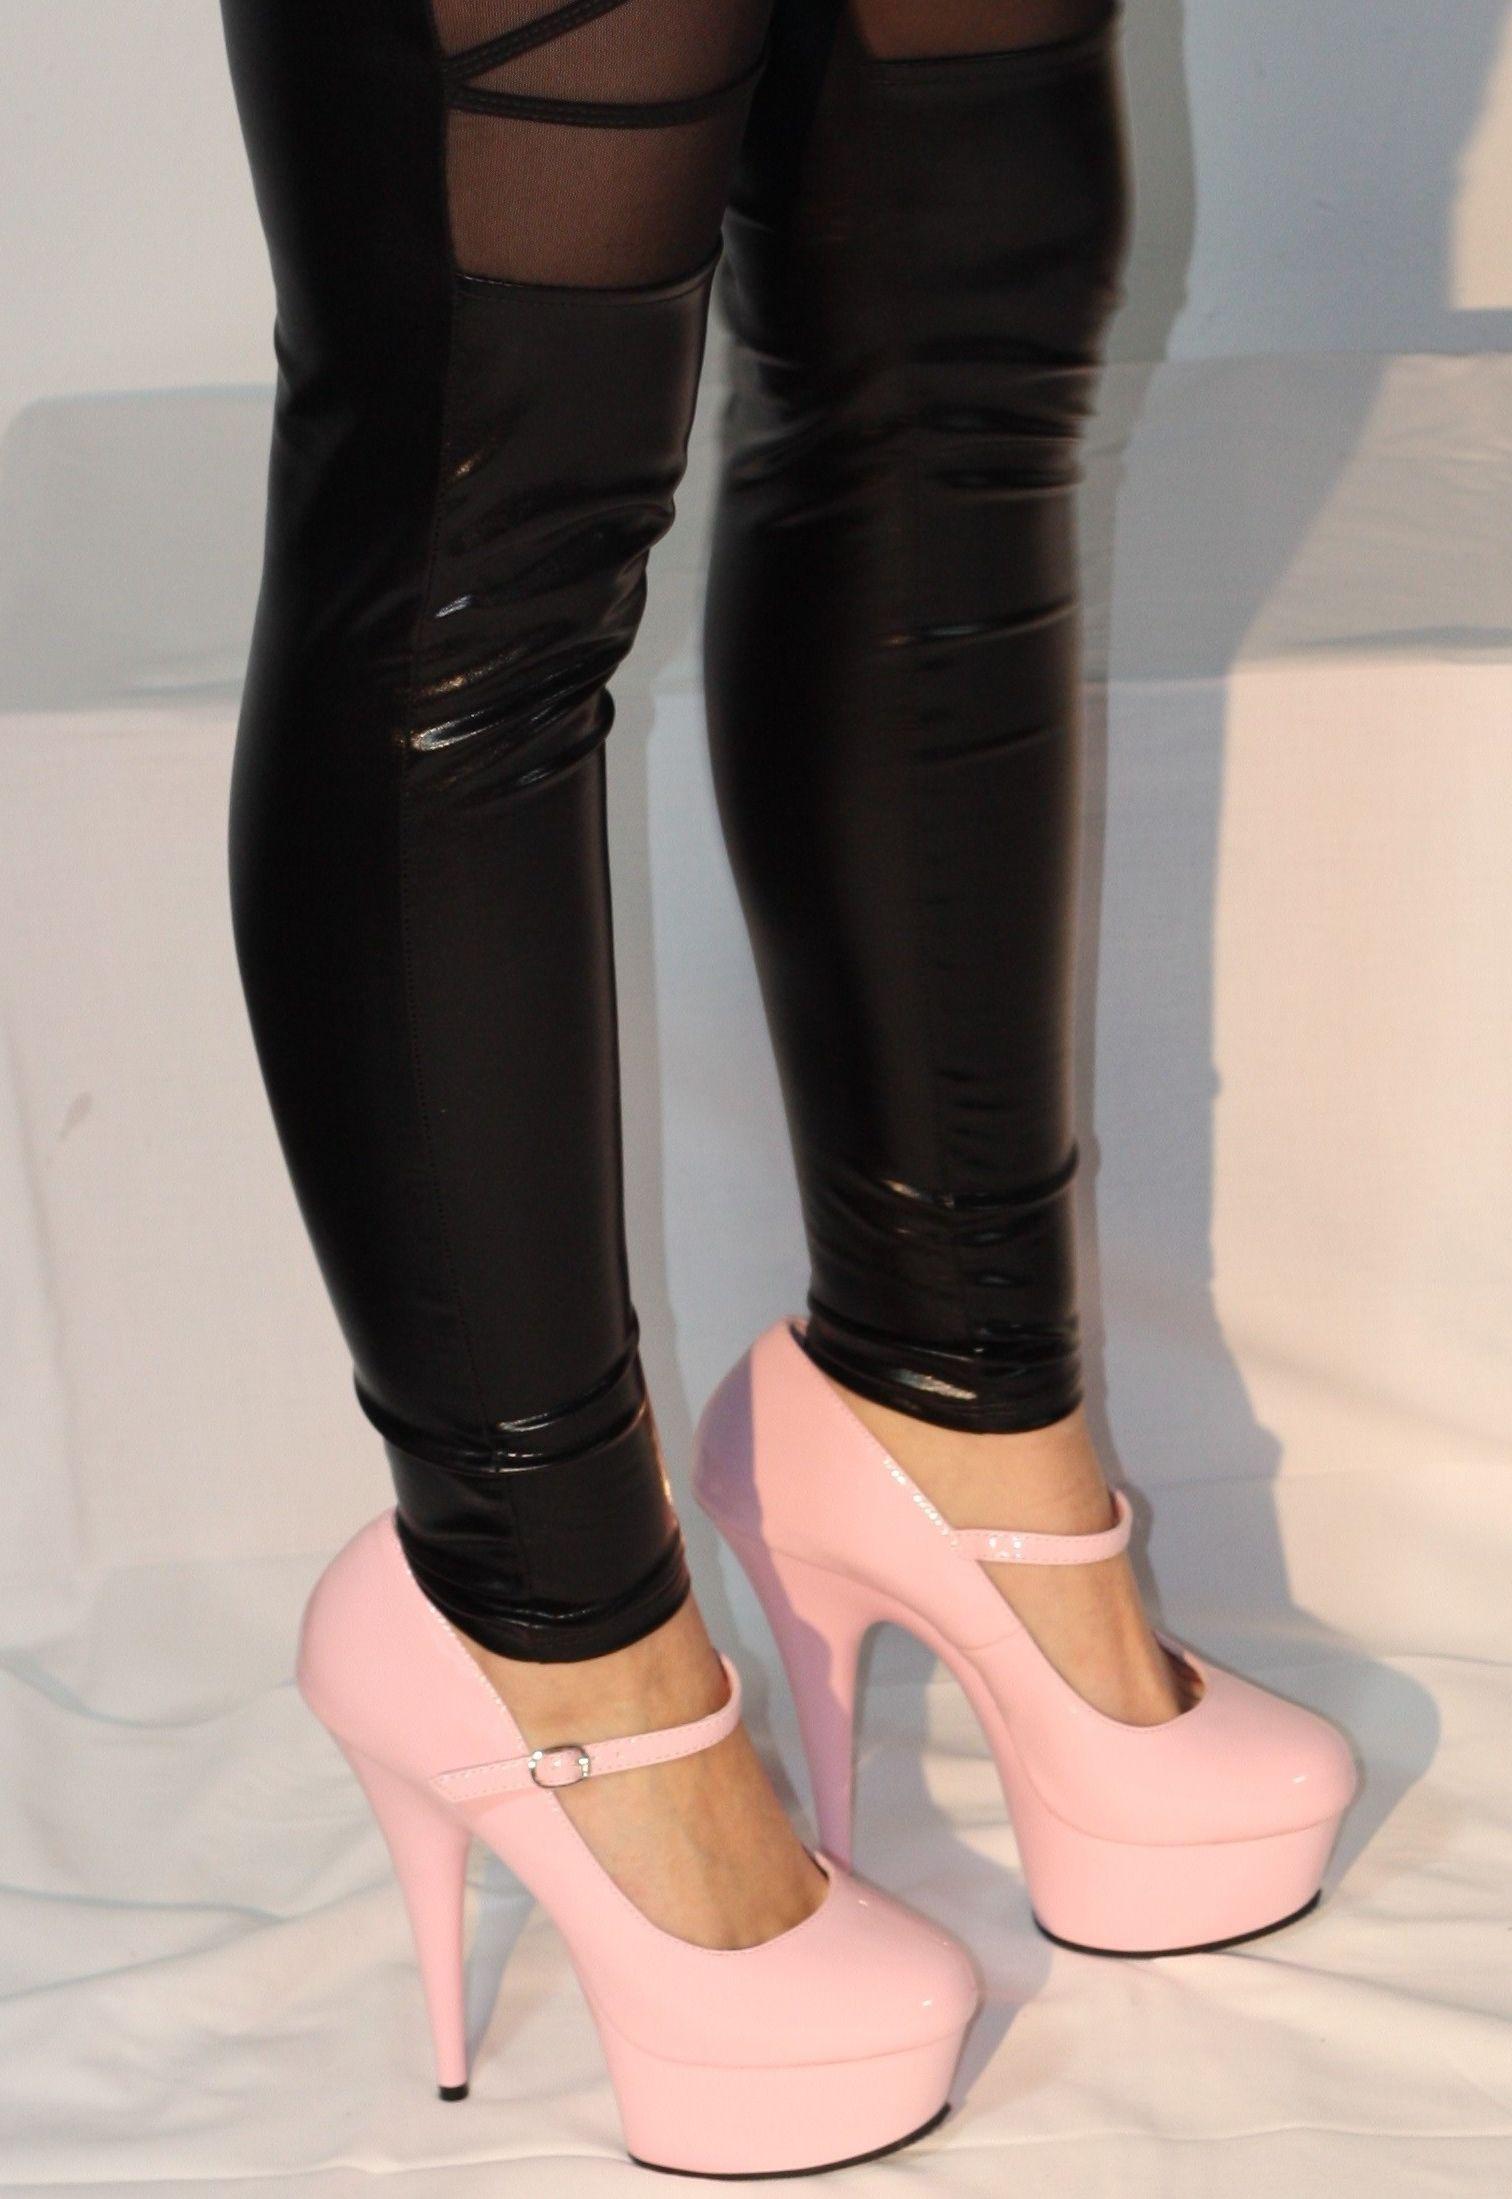 Damen Schuhe Overknee Stiefel designer High Heels 4956 Schwarz 38